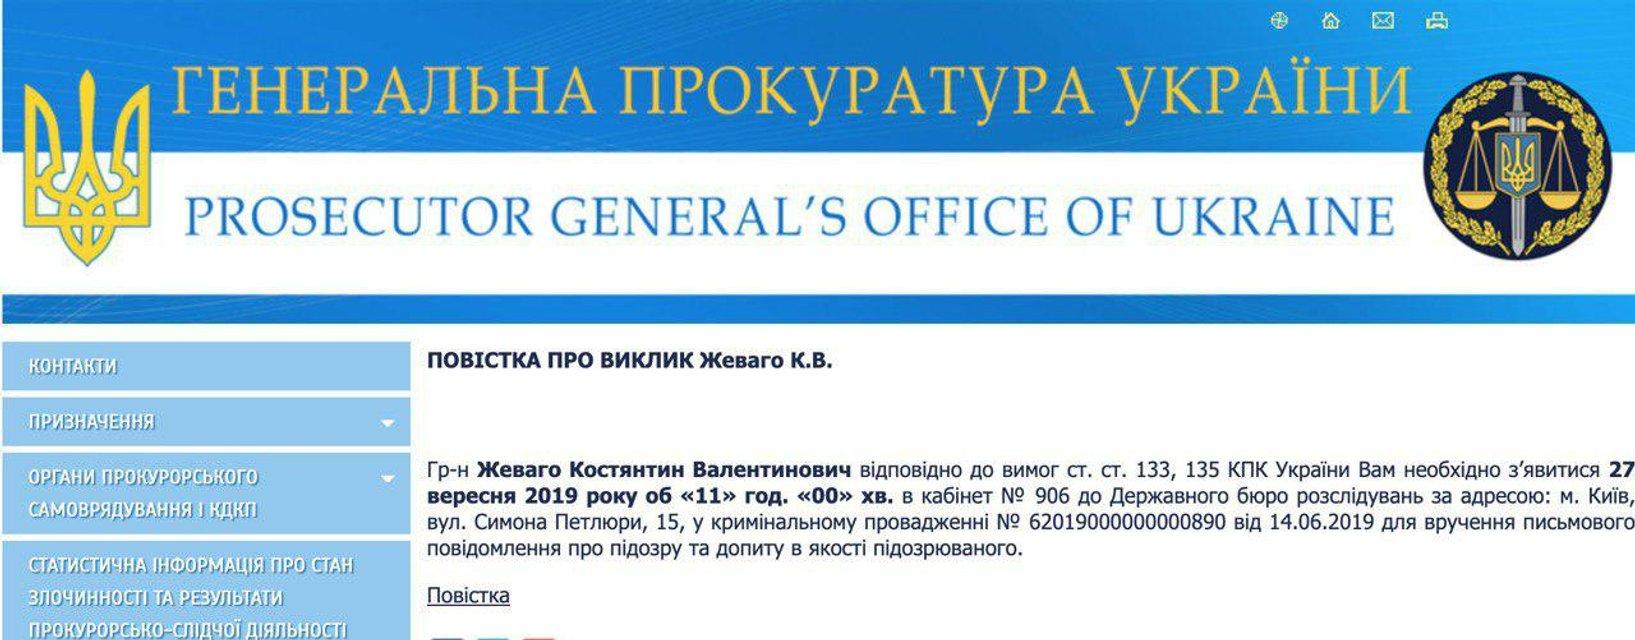 Украинского миллиардера допросит  ГБР. Раскрыты детали - фото 188306